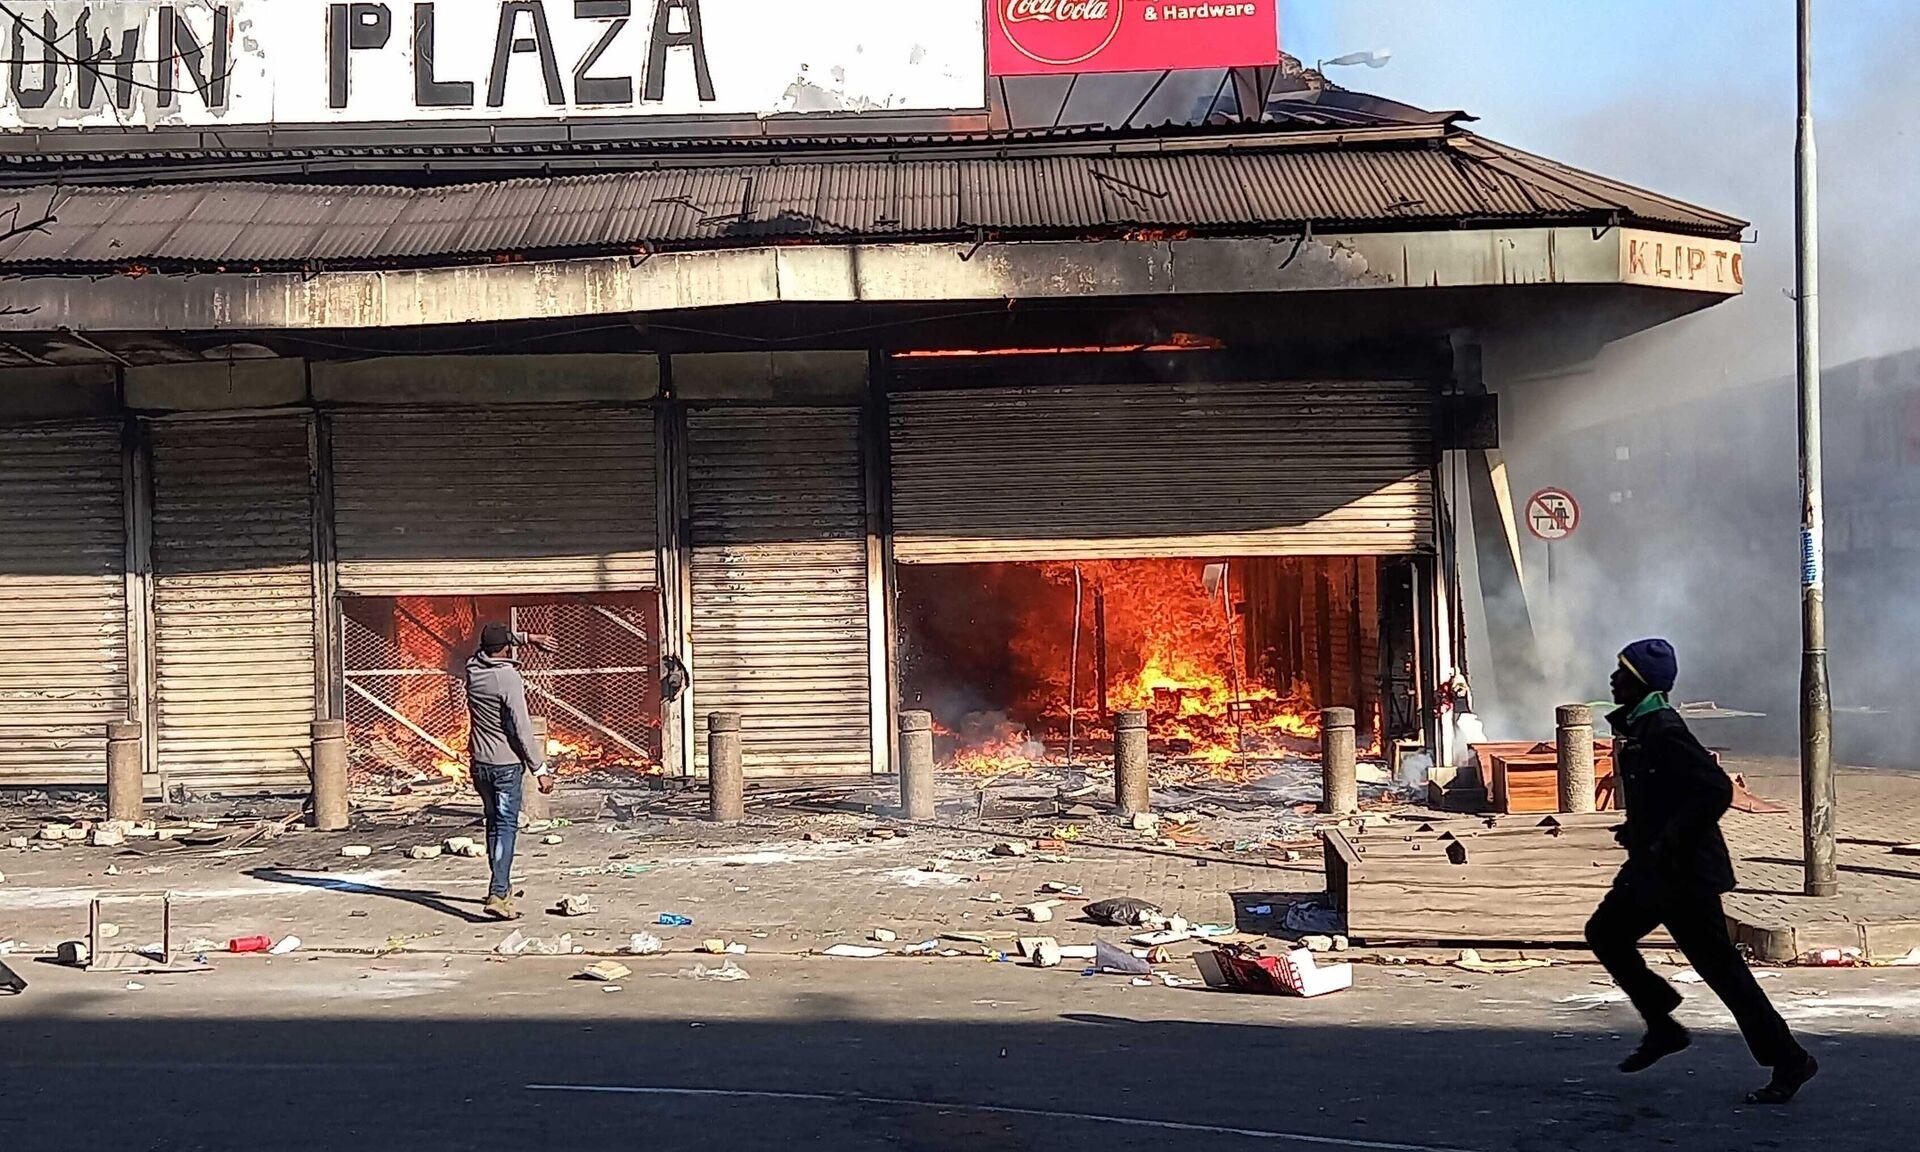 Последствия беспорядков на улице Йоханнесбурга - РИА Новости, 1920, 16.07.2021